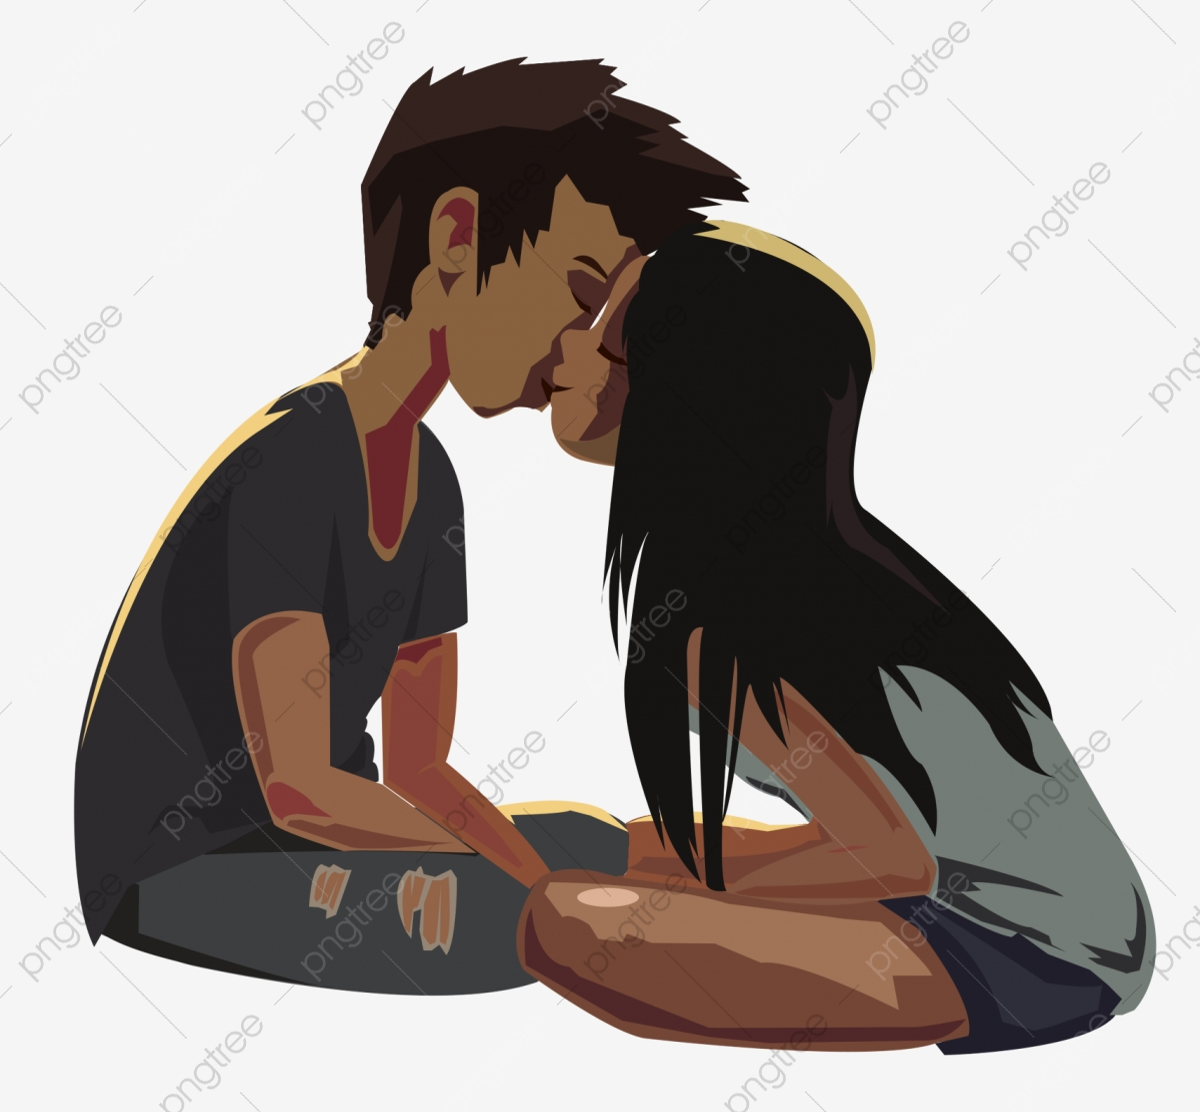 Kiss illustration. Beautiful love couple cartoon